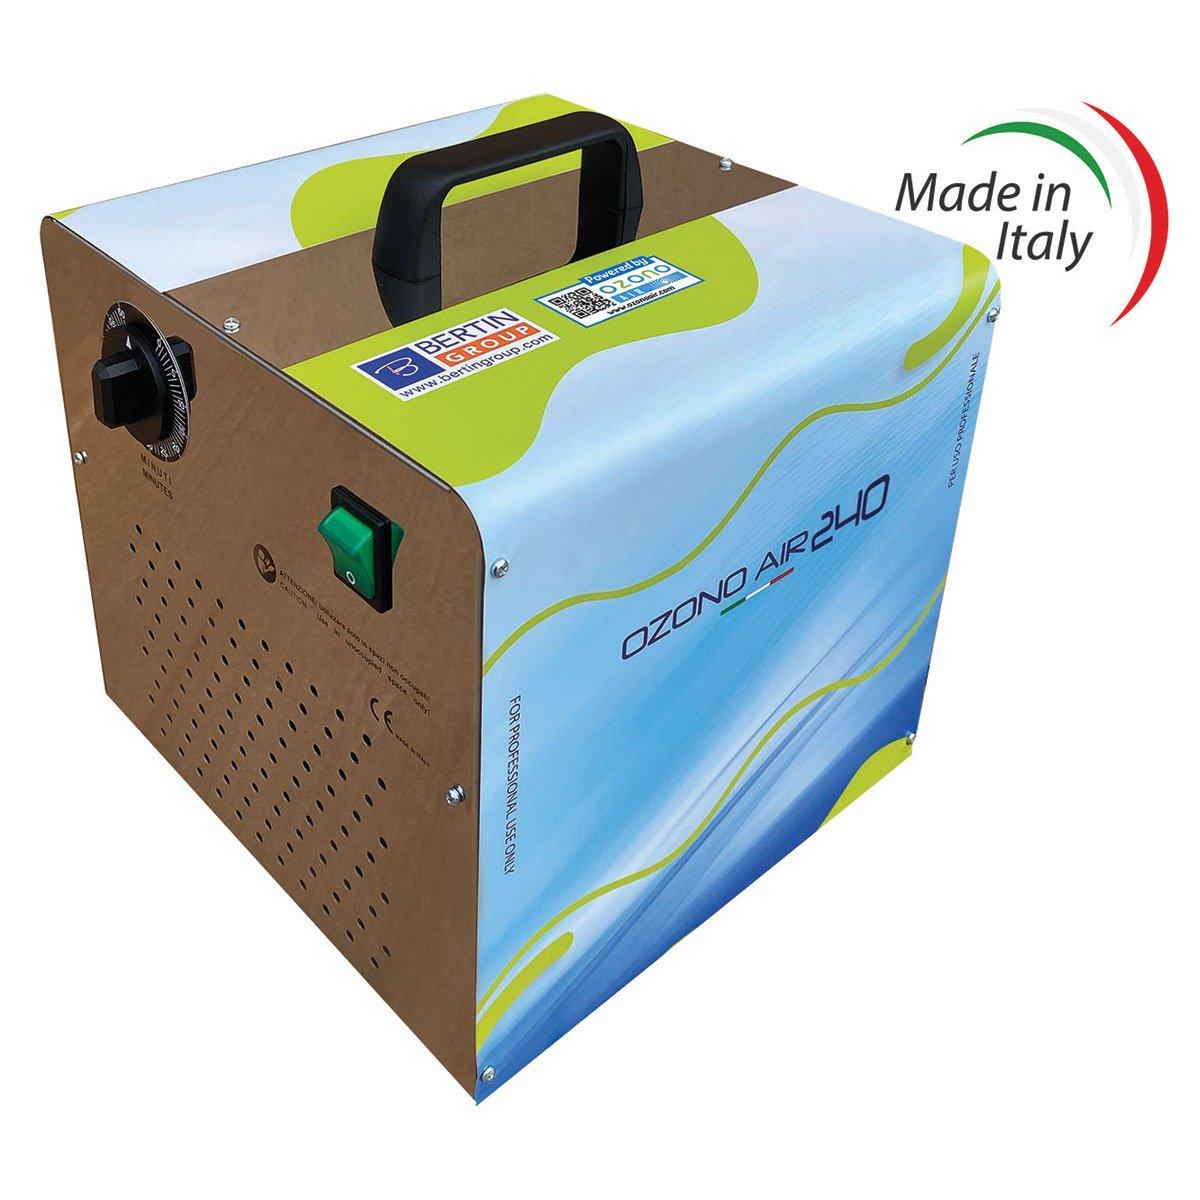 generatore OZONO AIR240 made i italy